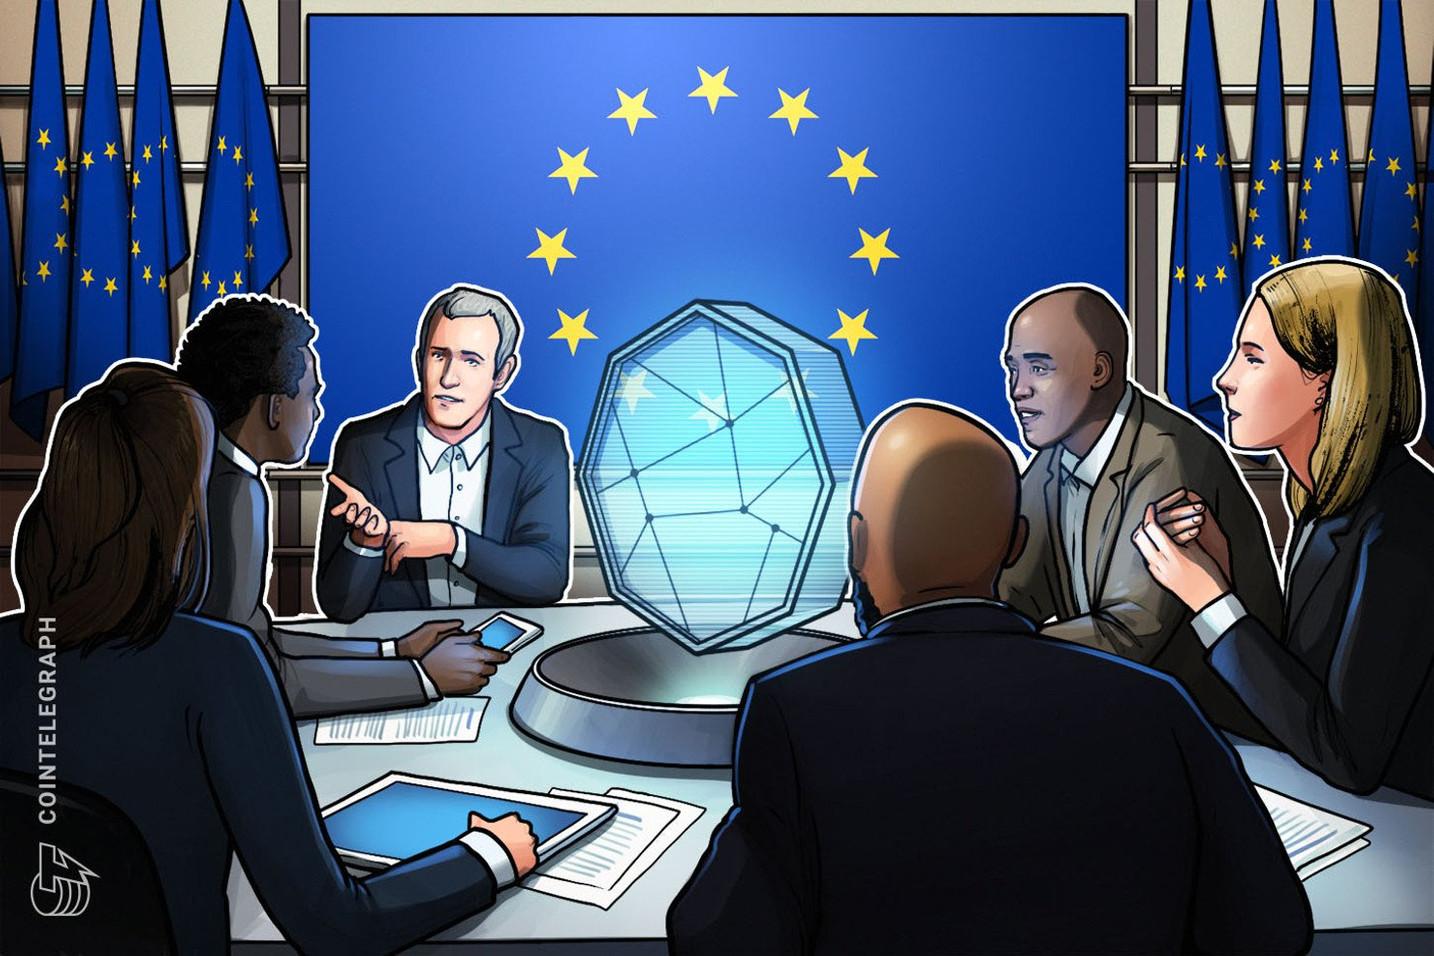 ステーブルコインの厳格な規制呼びかけ、EU5ヶ国が共同声明